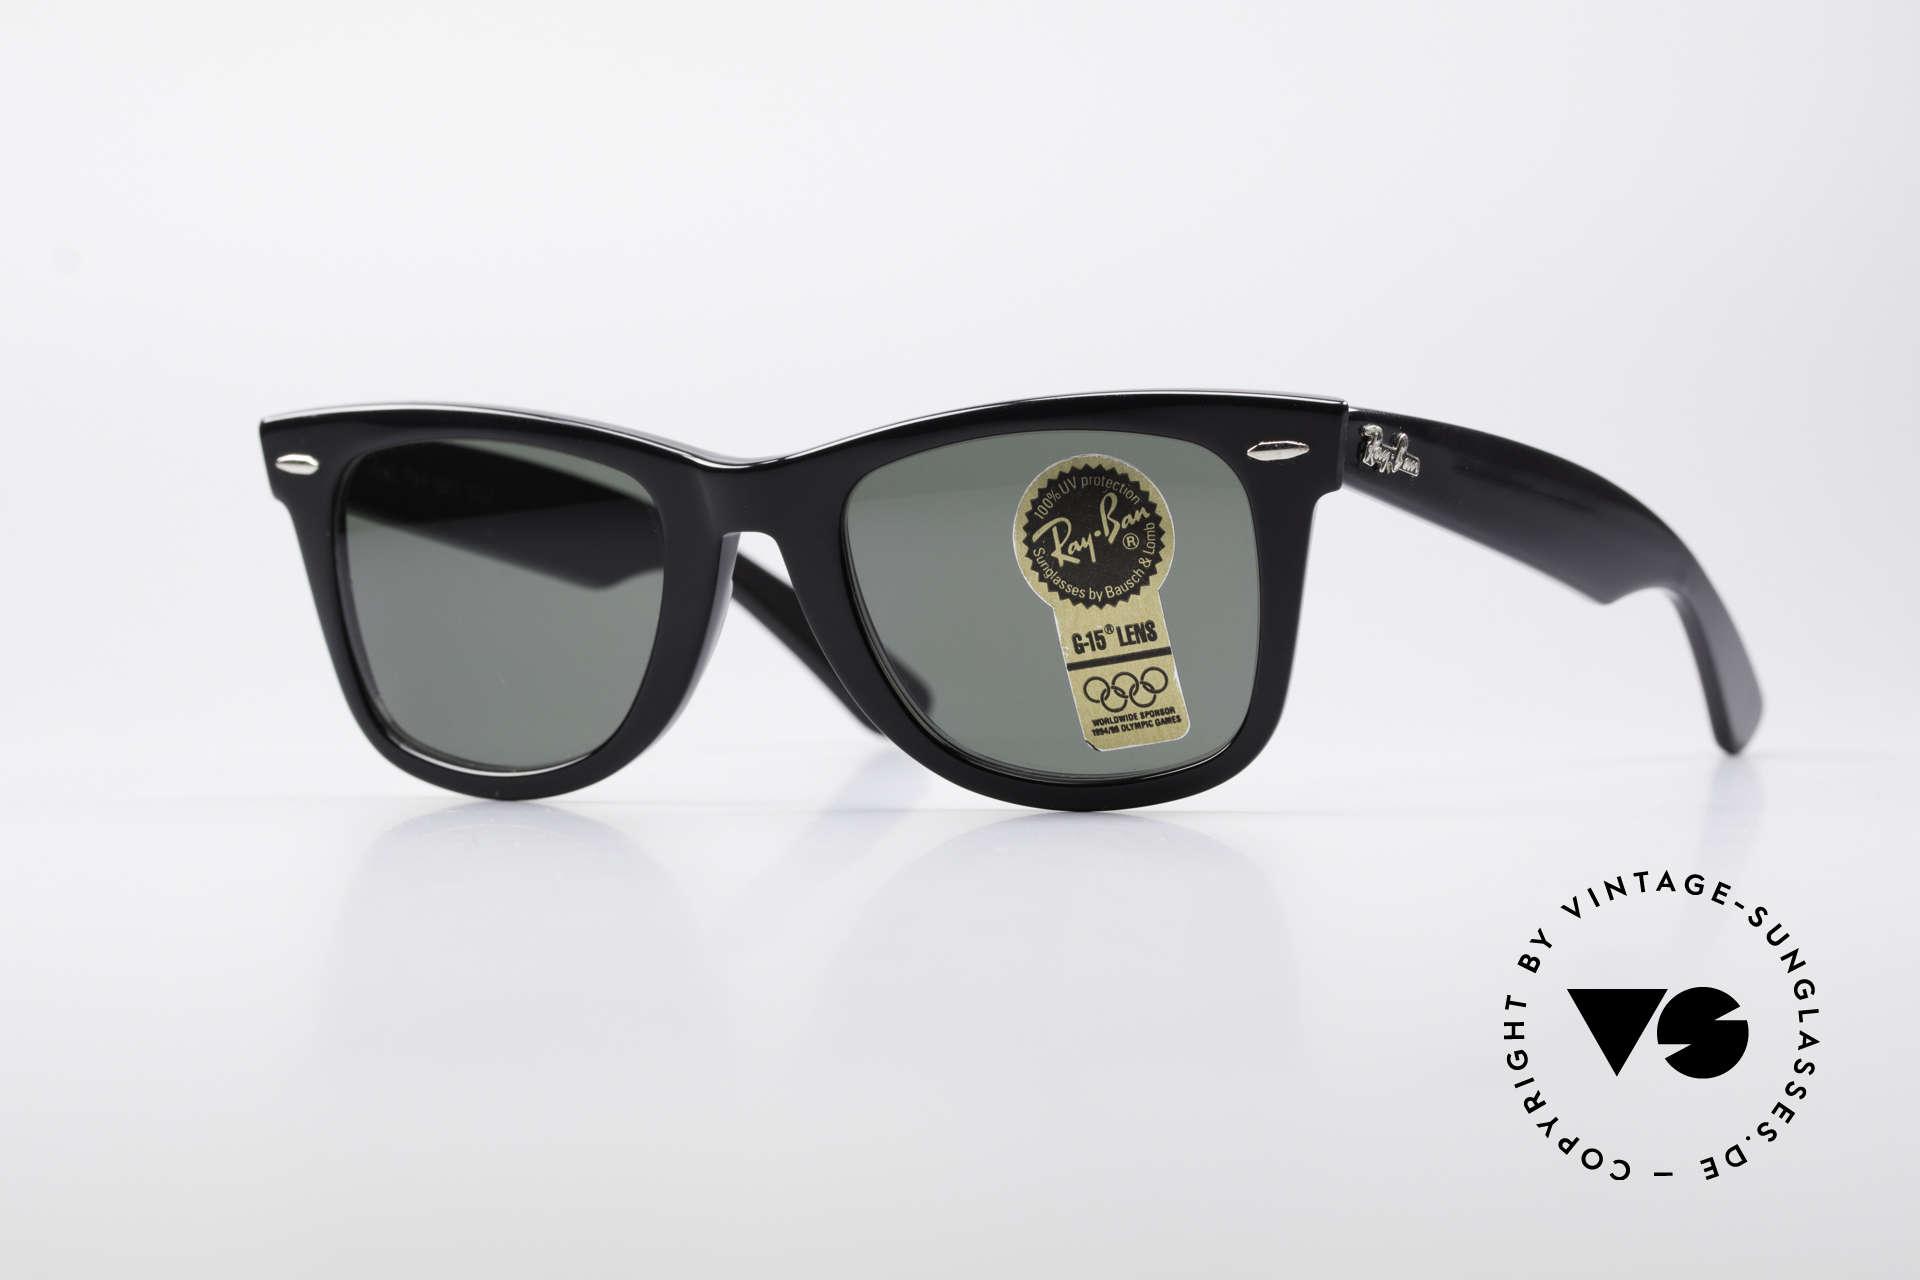 8a87f5c606 Sunglasses Ray Ban Wayfarer I Blues Brothers Glasses